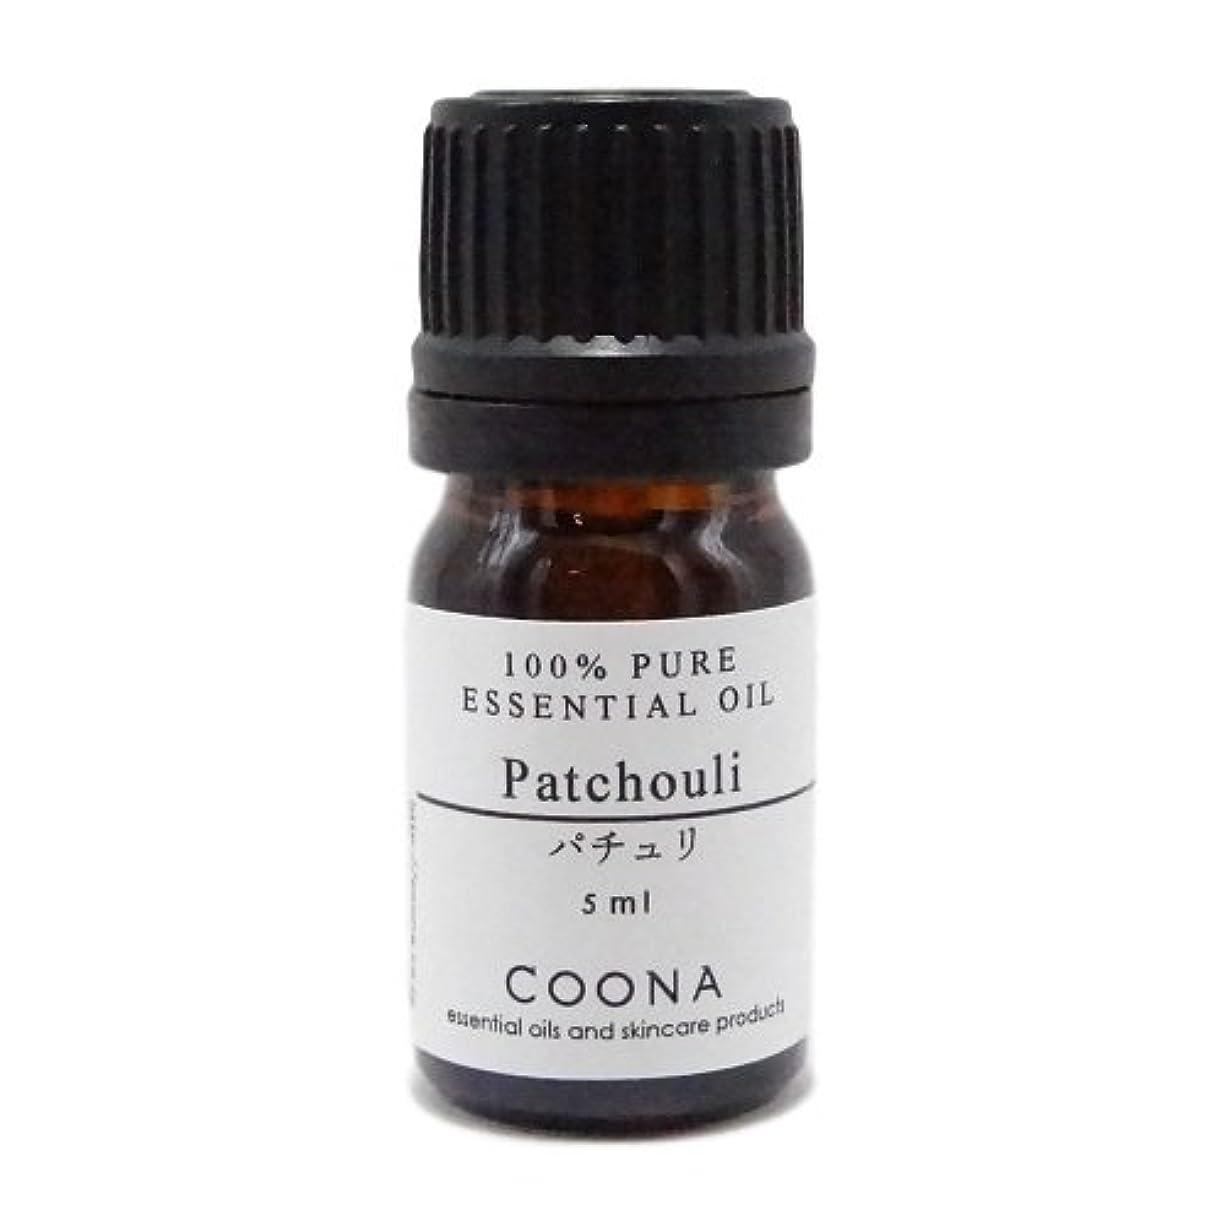 クランシー石灰岩過激派パチュリ 5 ml (COONA エッセンシャルオイル アロマオイル 100%天然植物精油)